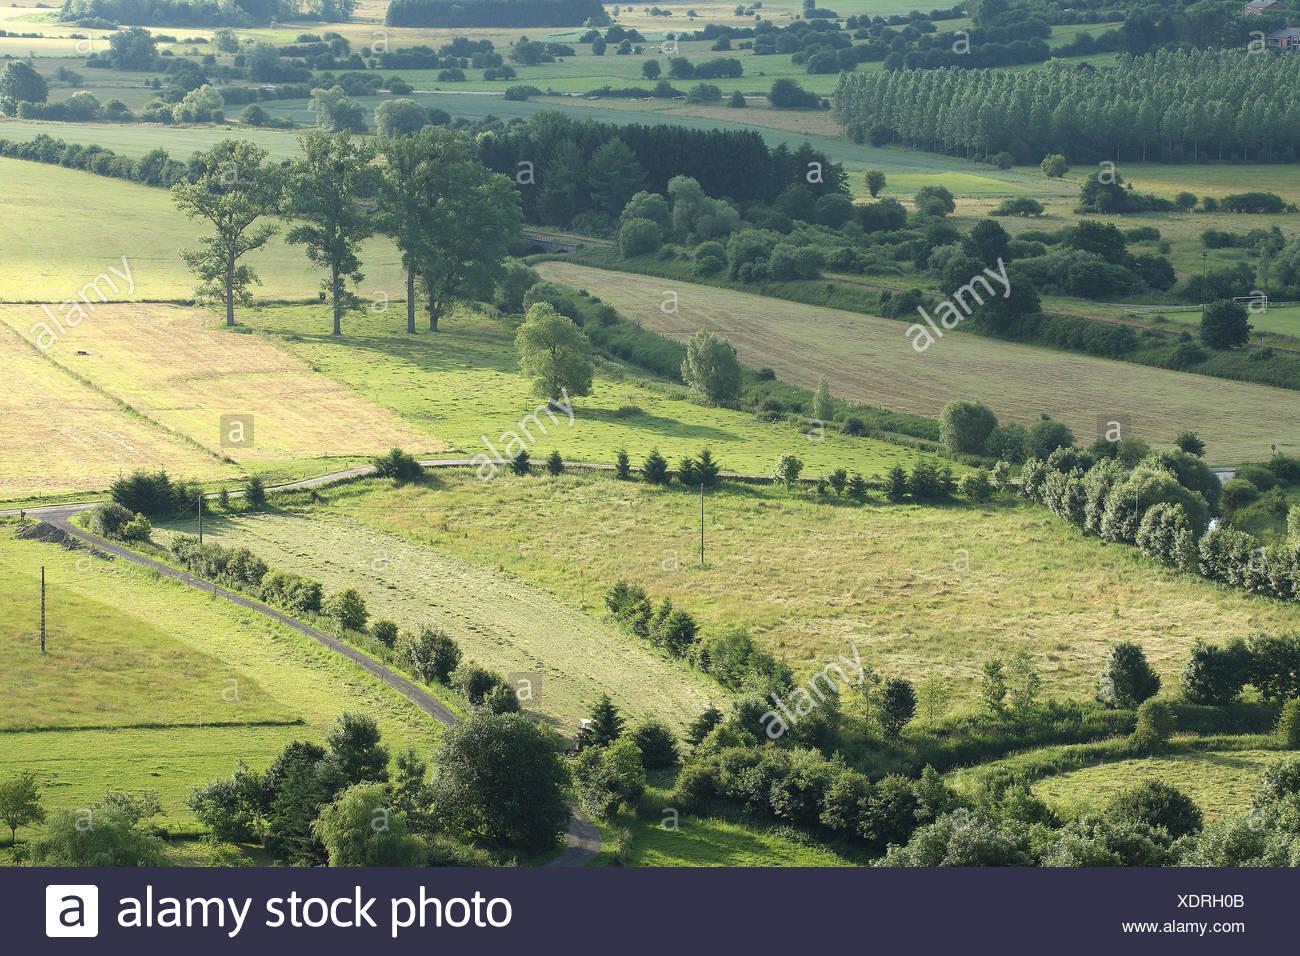 Bocagelandschap met hagen en bomen, Viroinvallei, Belgi Bocage landscape with hedges and trees, valley of Viroin, Belgium - Stock Image